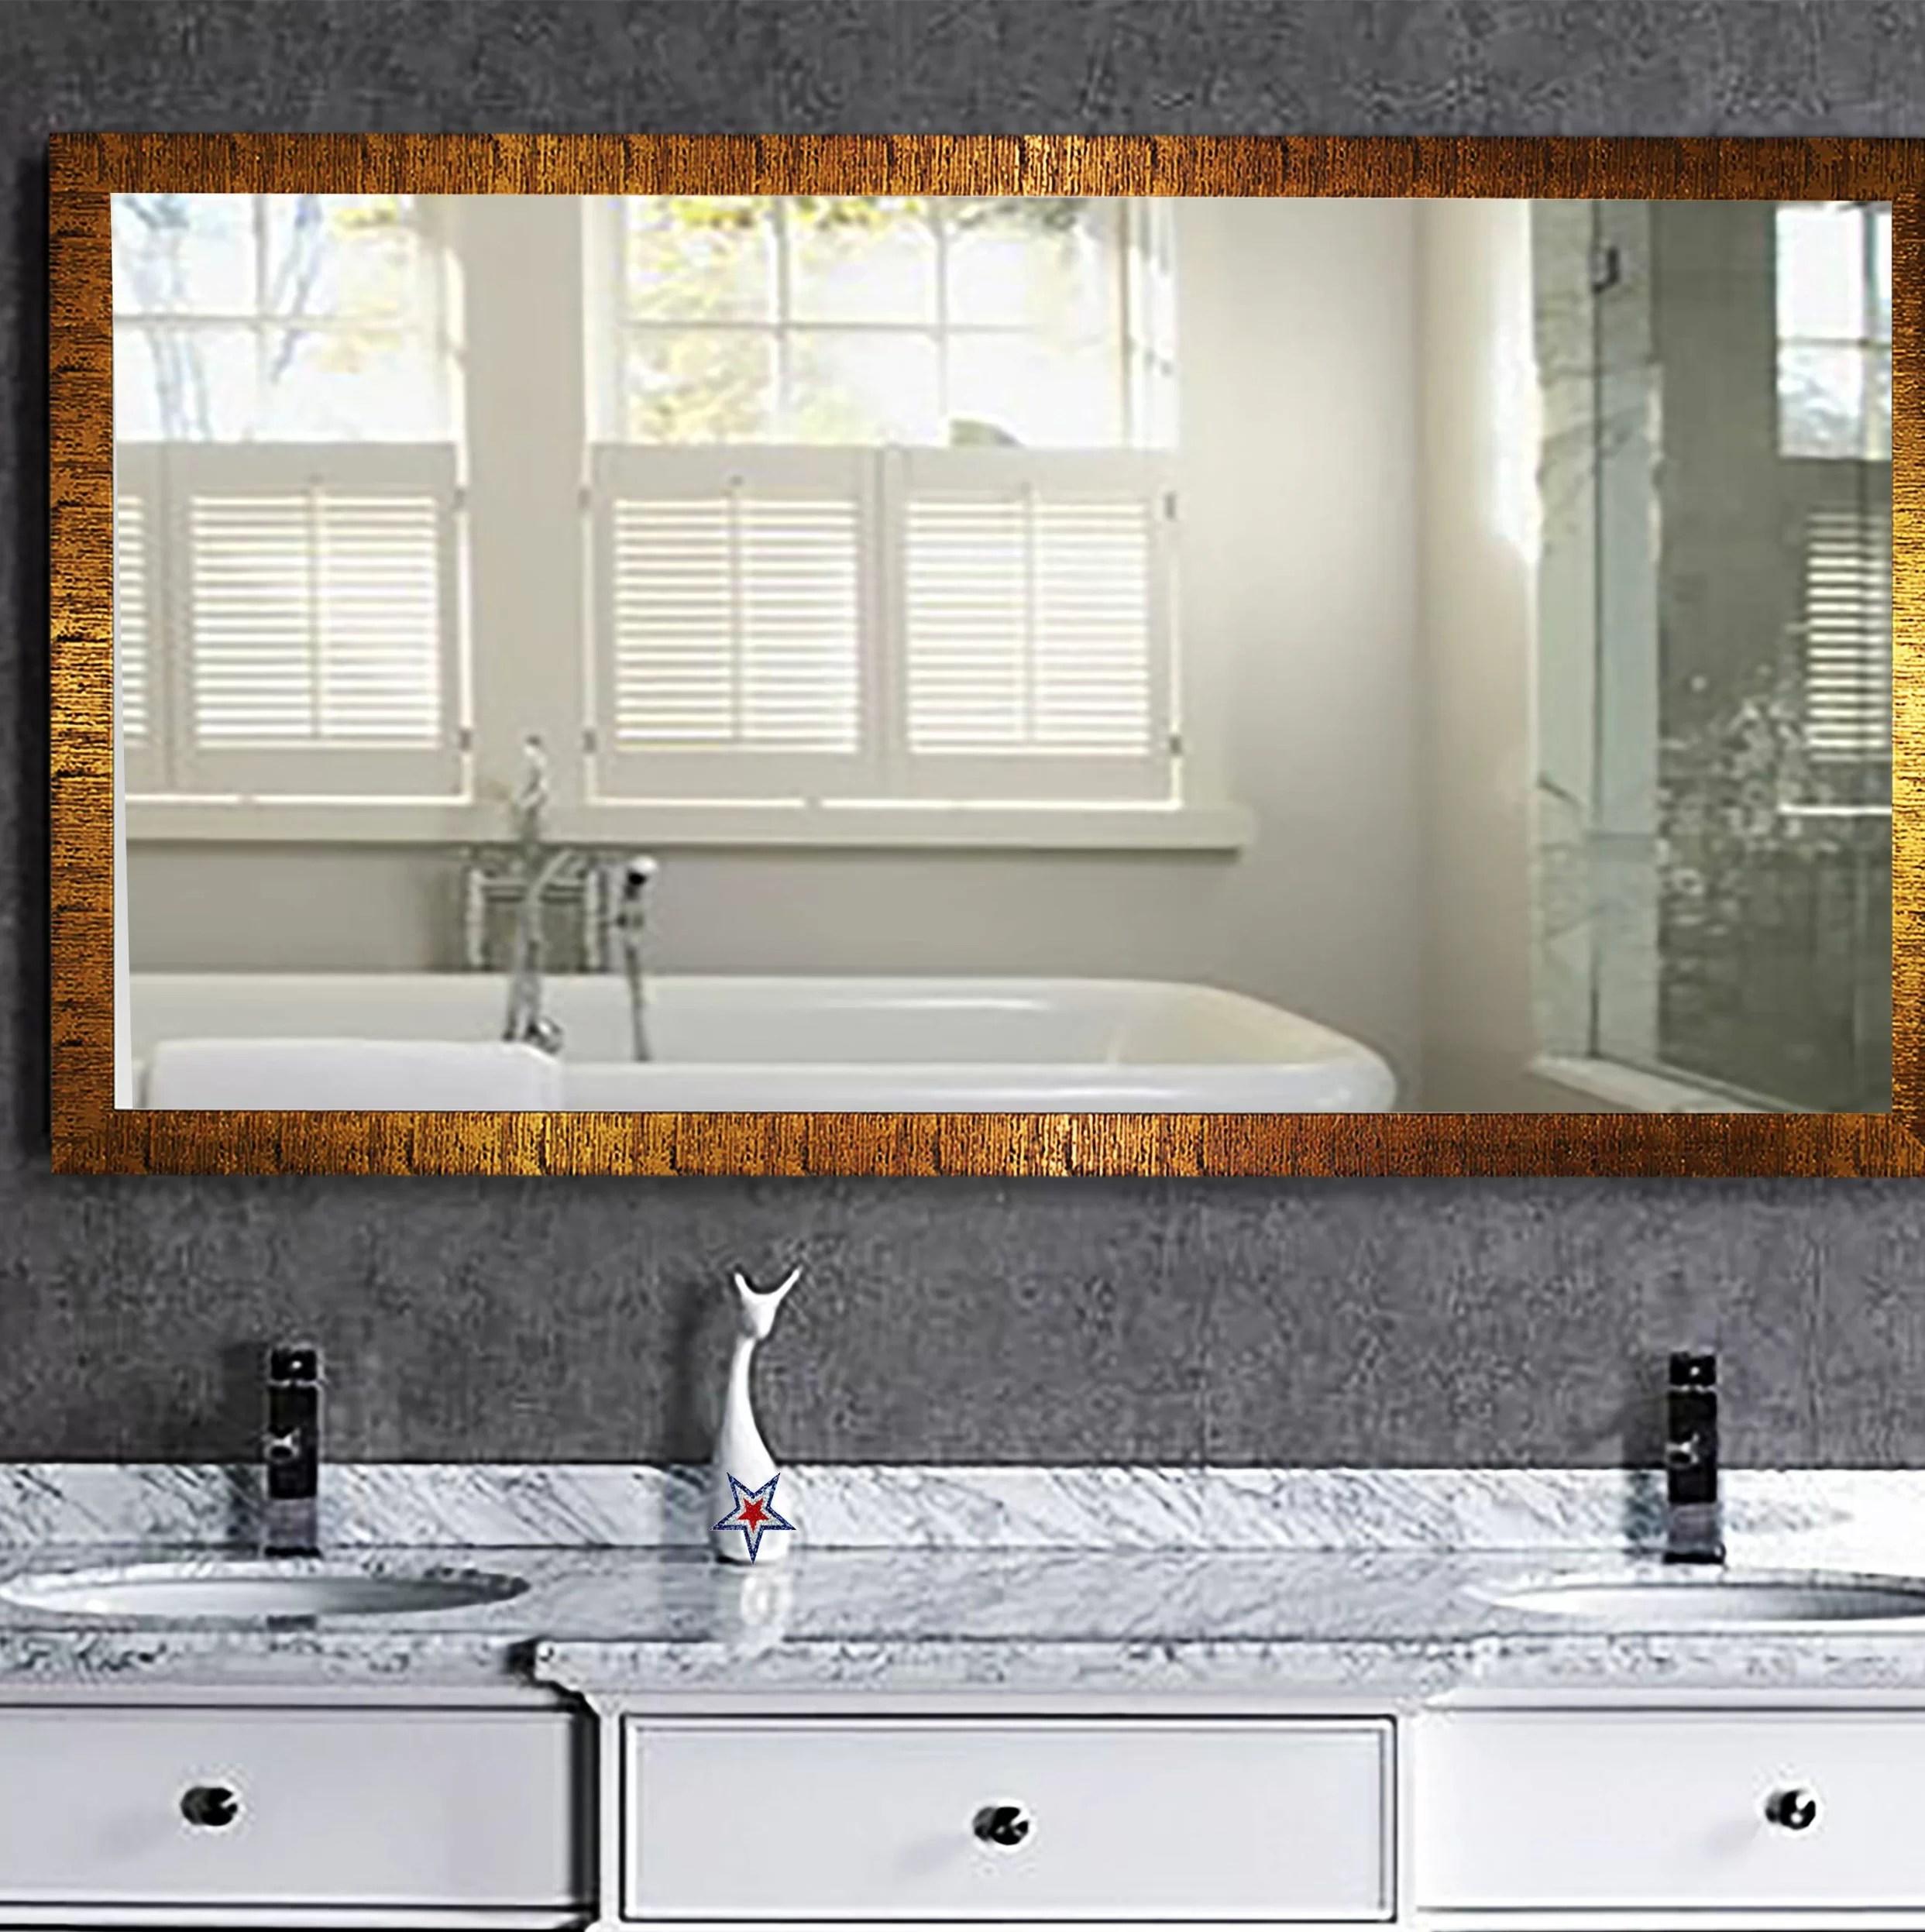 Eisen Modern Contemporary Bathroom Vanity Mirror